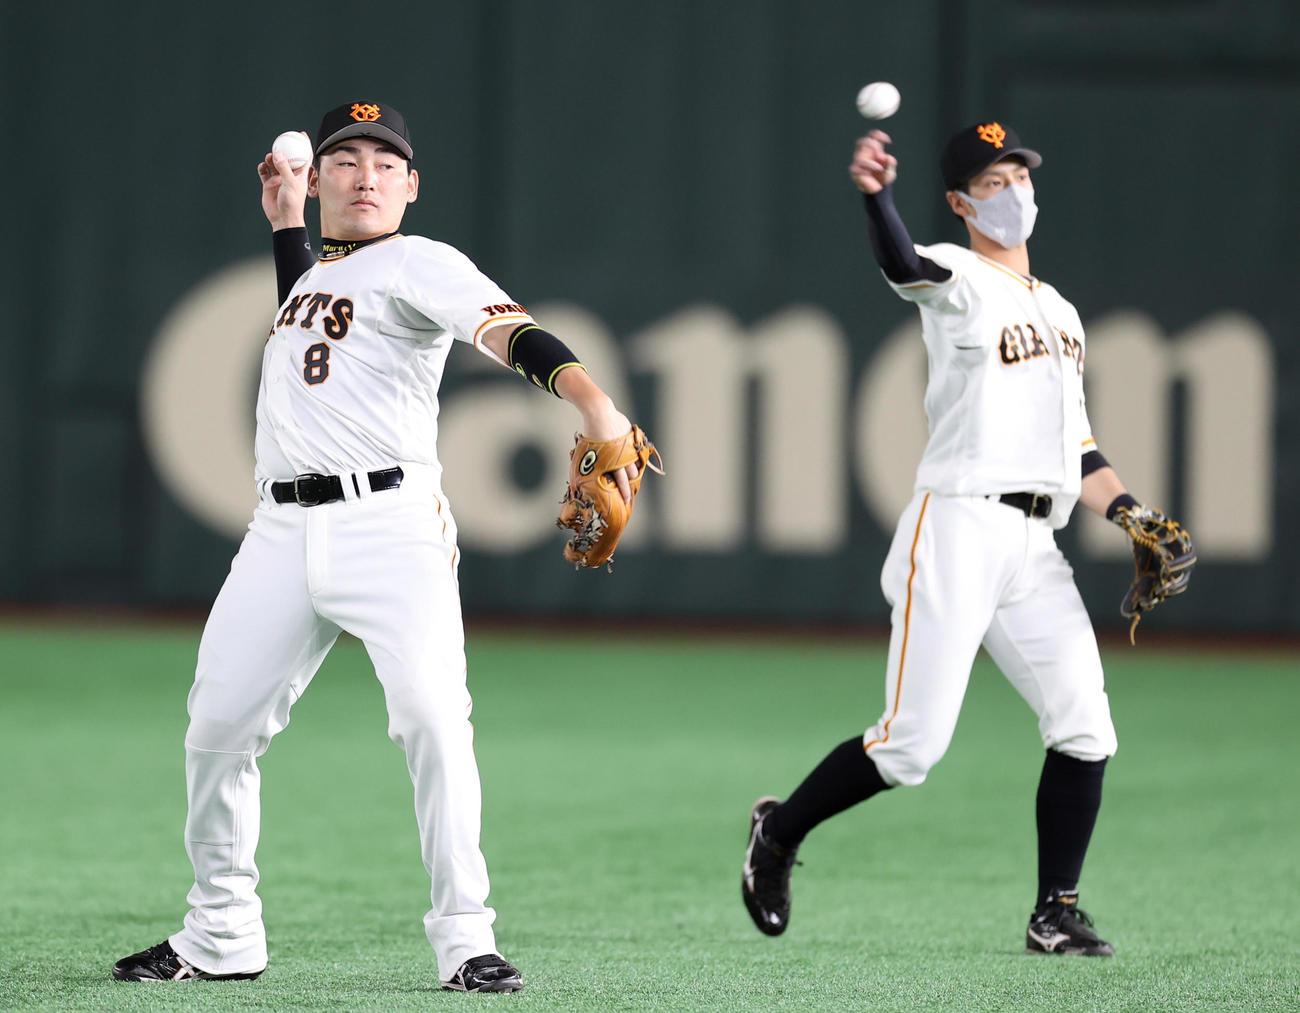 巨人対広島 試合前にキャッチボールをする先発出場の丸と若林(撮影・狩俣裕三)